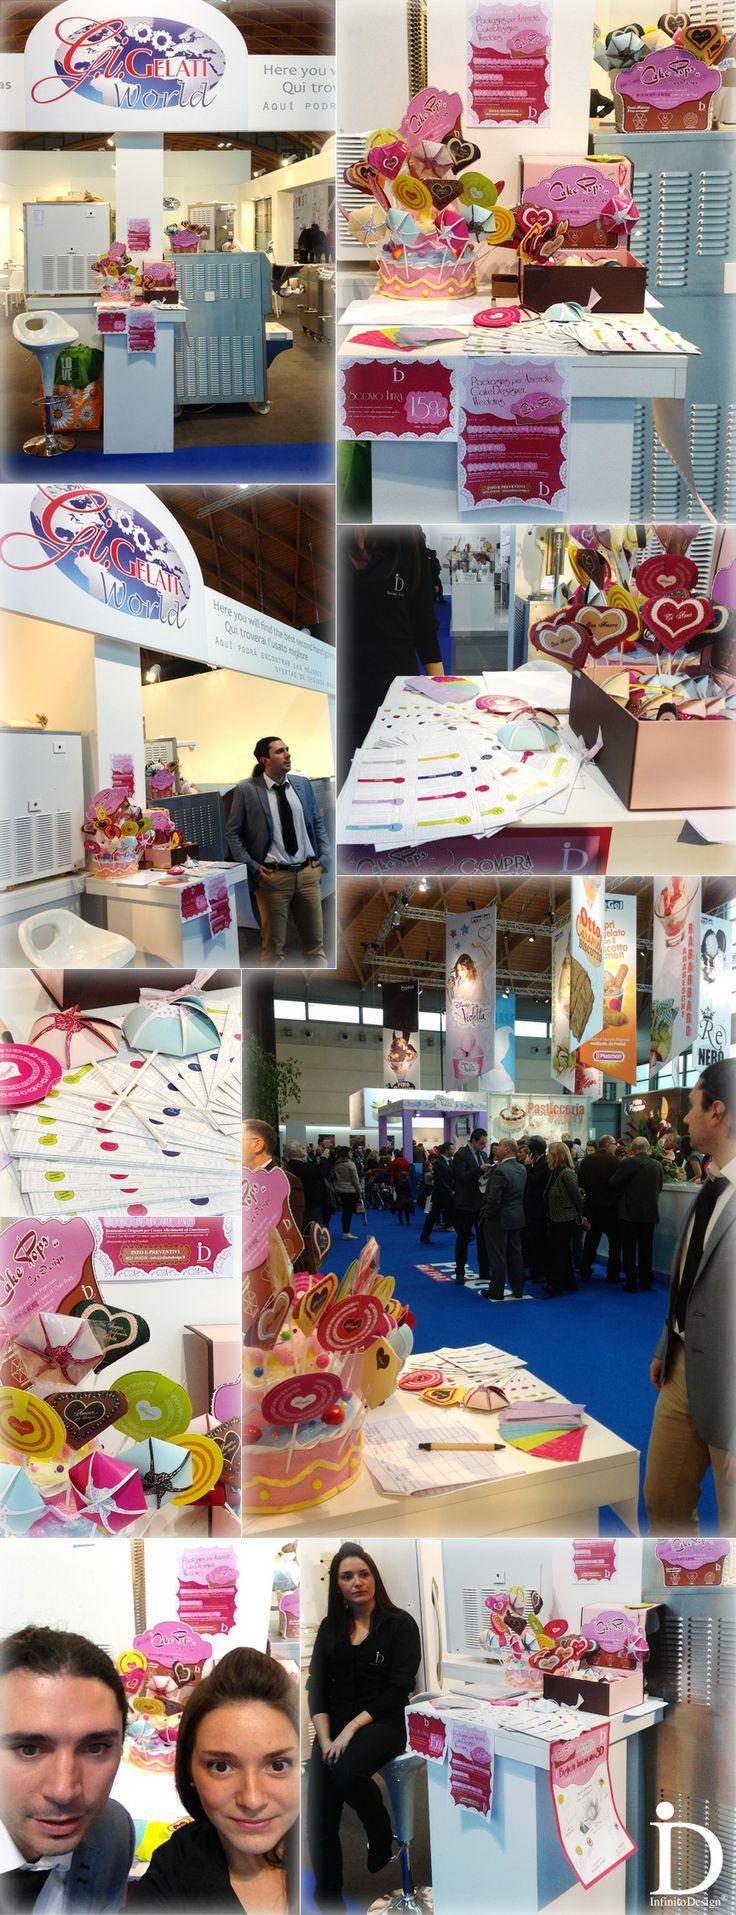 """Giornata al #SIGEP 2014 con i nostri amici GiGelati! - Packaging Innovativo per il settore, chiamata """"CakePops CarD-esign"""", interamente personalizzabile nei colori e loghi di Pasticcerie, Gelaterie, Cake Designer"""